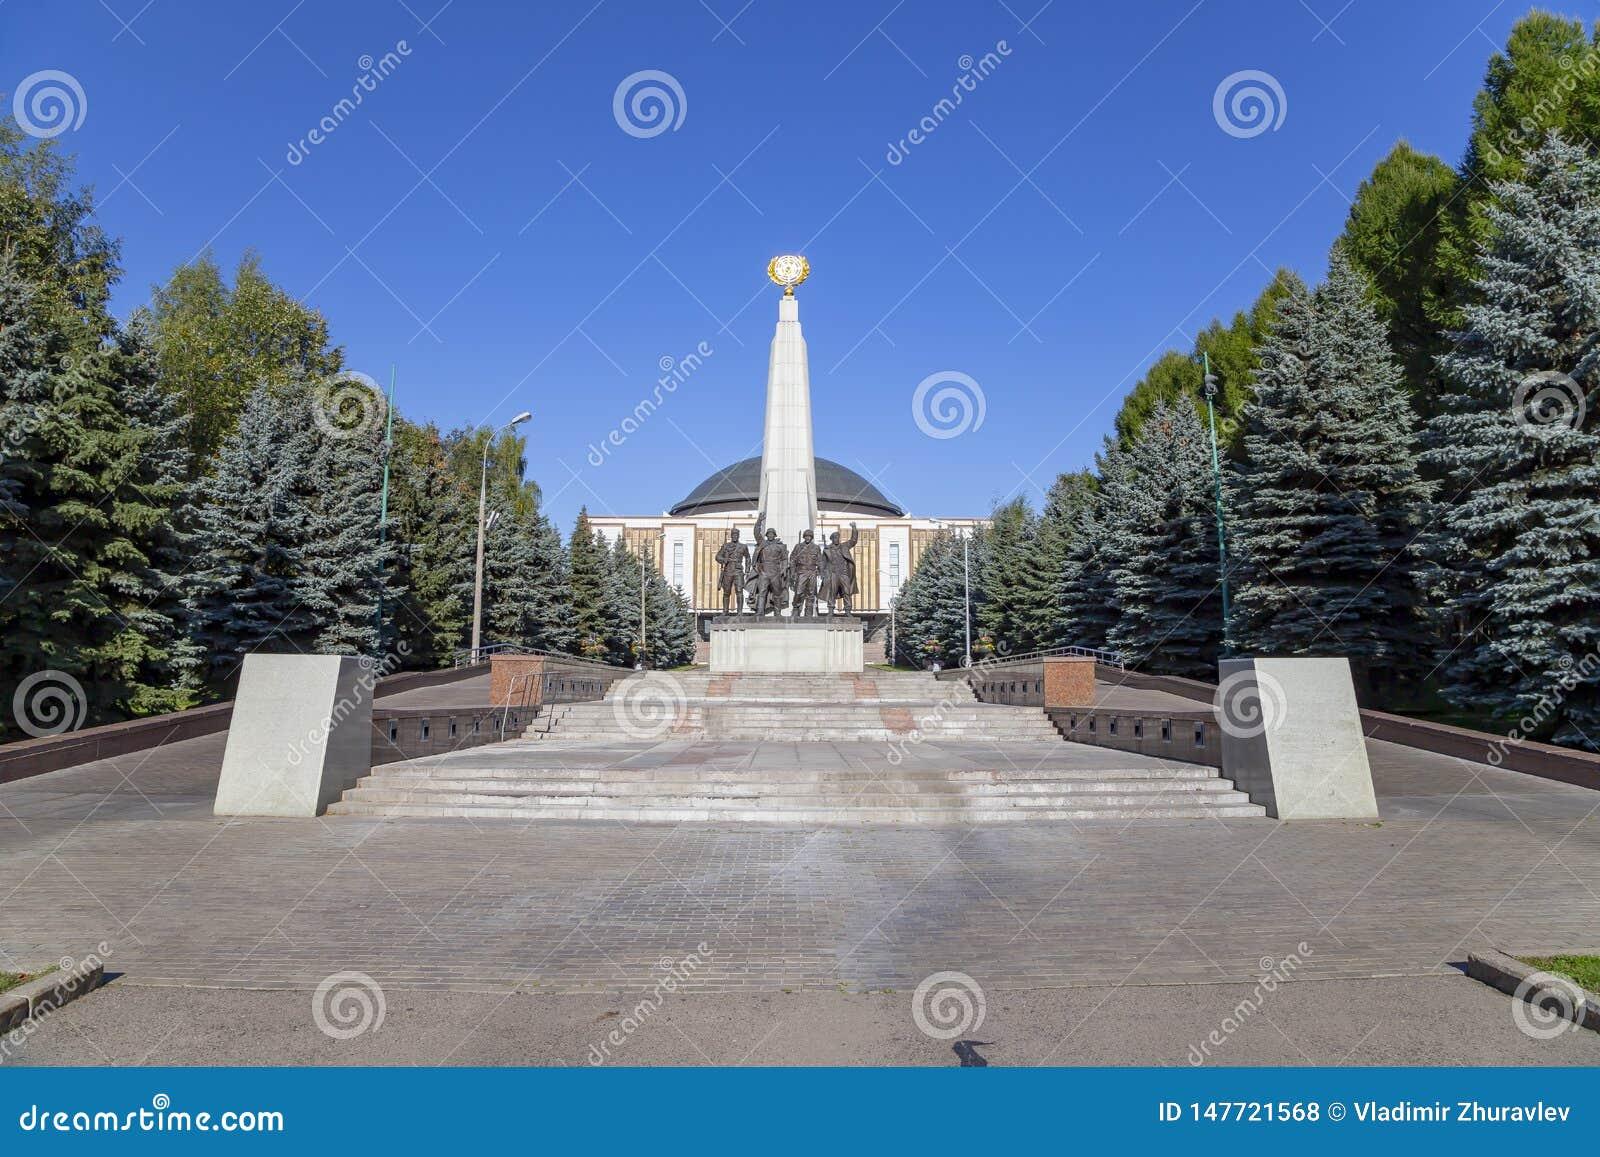 对反希特勒联合国家,胡同党羽的纪念碑在Poklonnaya小山的,莫斯科,俄罗斯胜利公园